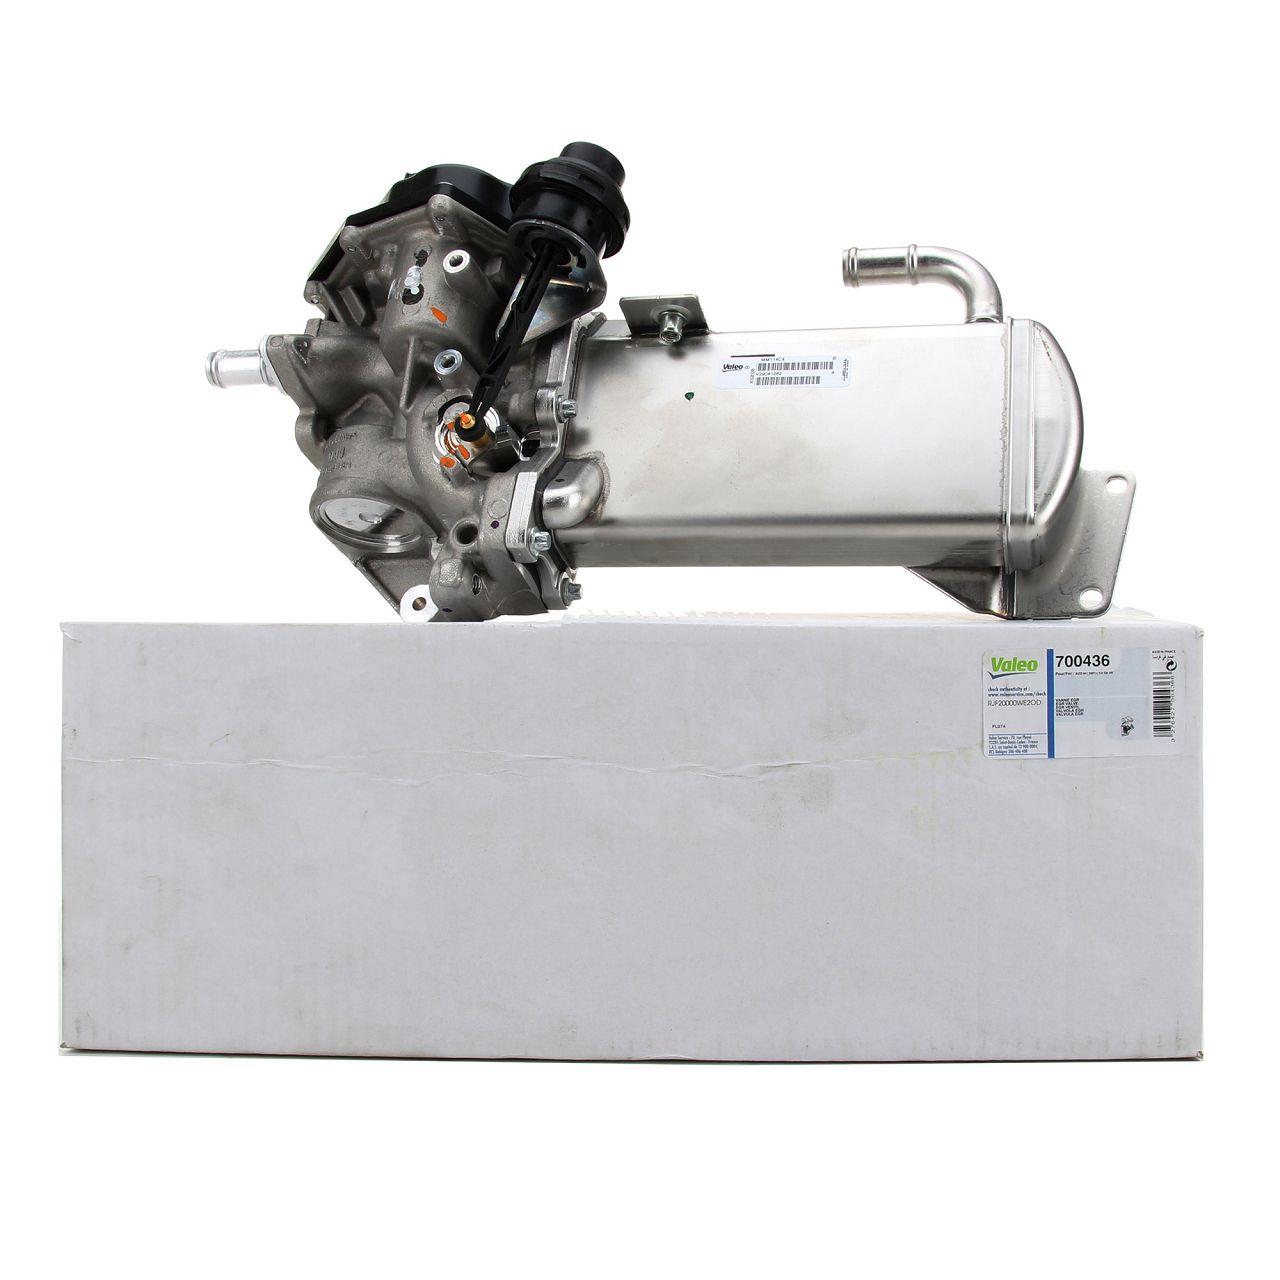 VALEO AGR Ventil Abgaskühler Kühlkörper AUDI A4 B8 A5 8T 8F A6 C7 Q5 8R 2.0 TDI 3L131512DT